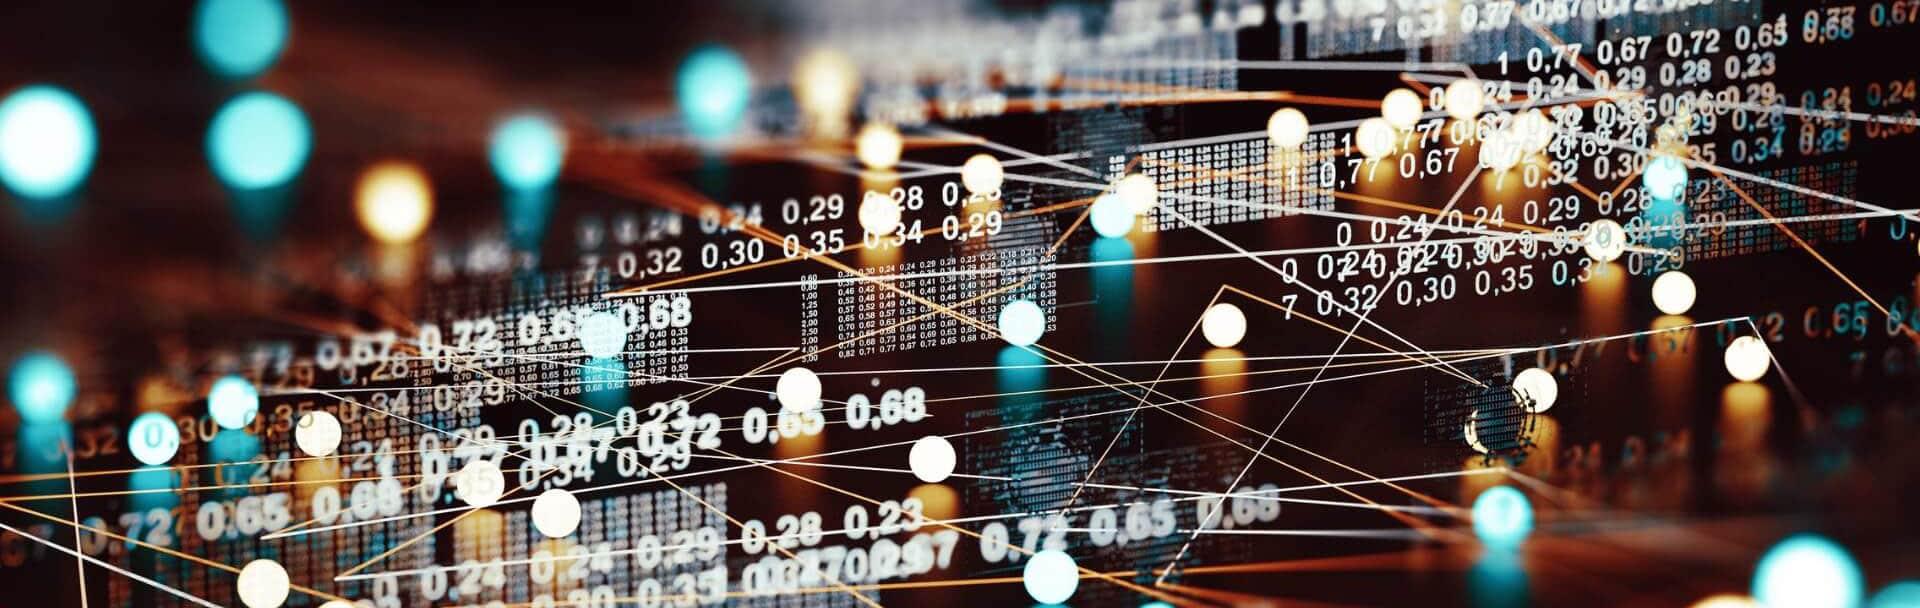 Data and Analytics 2021 - Hot ITem